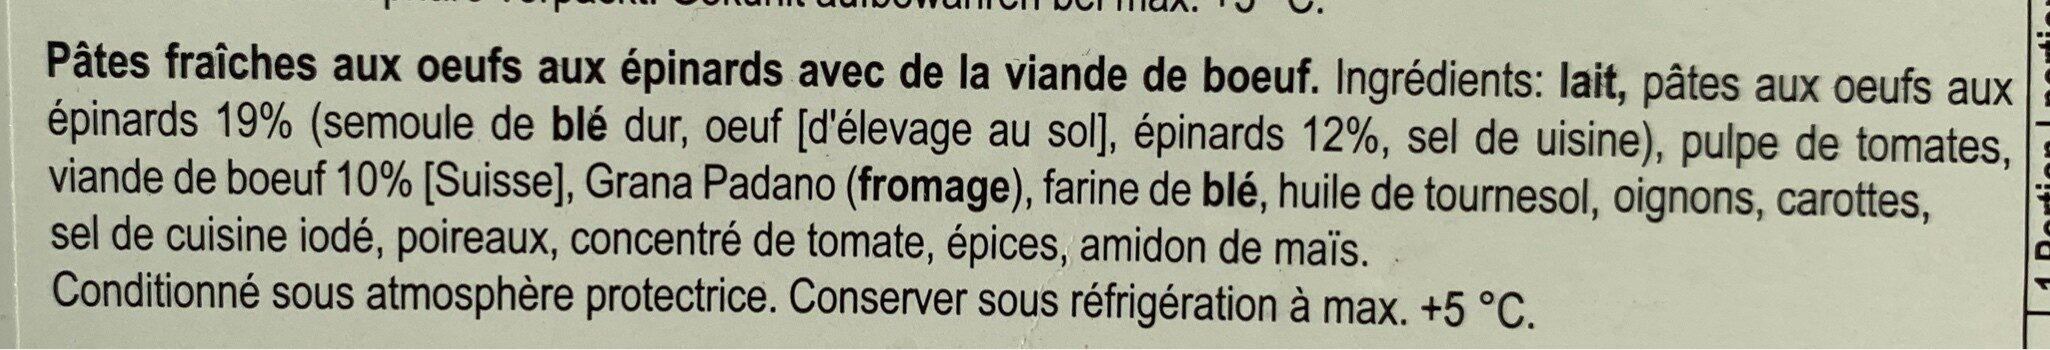 Lasagne - Ingrédients